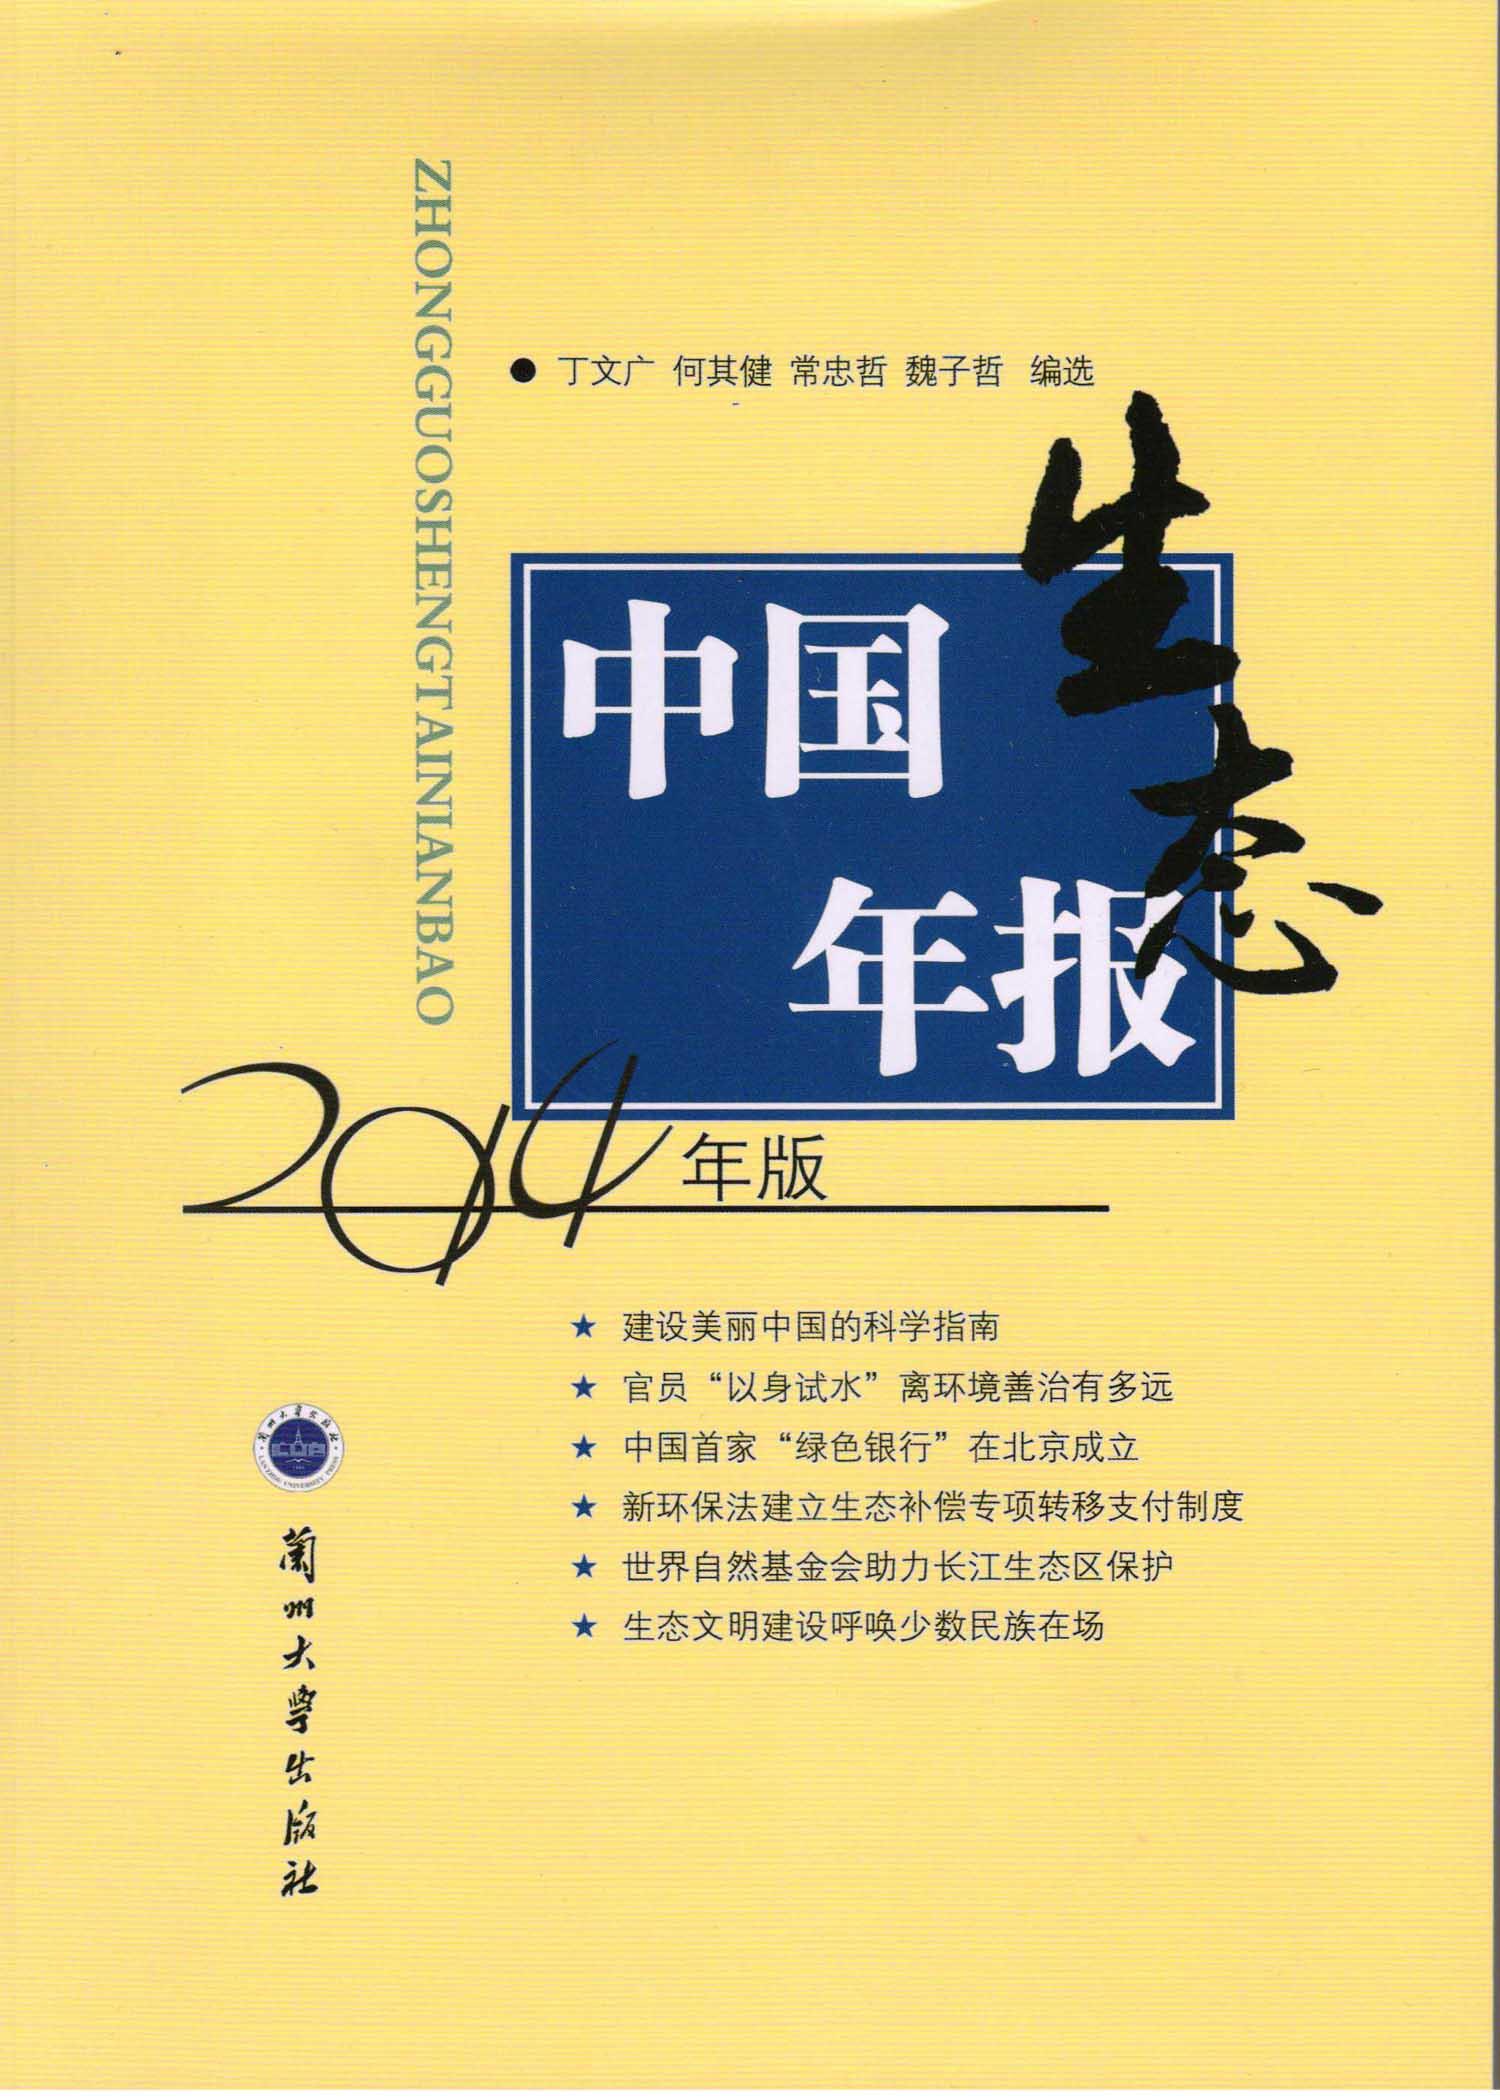 《中国生态年报》(2014)出版发行